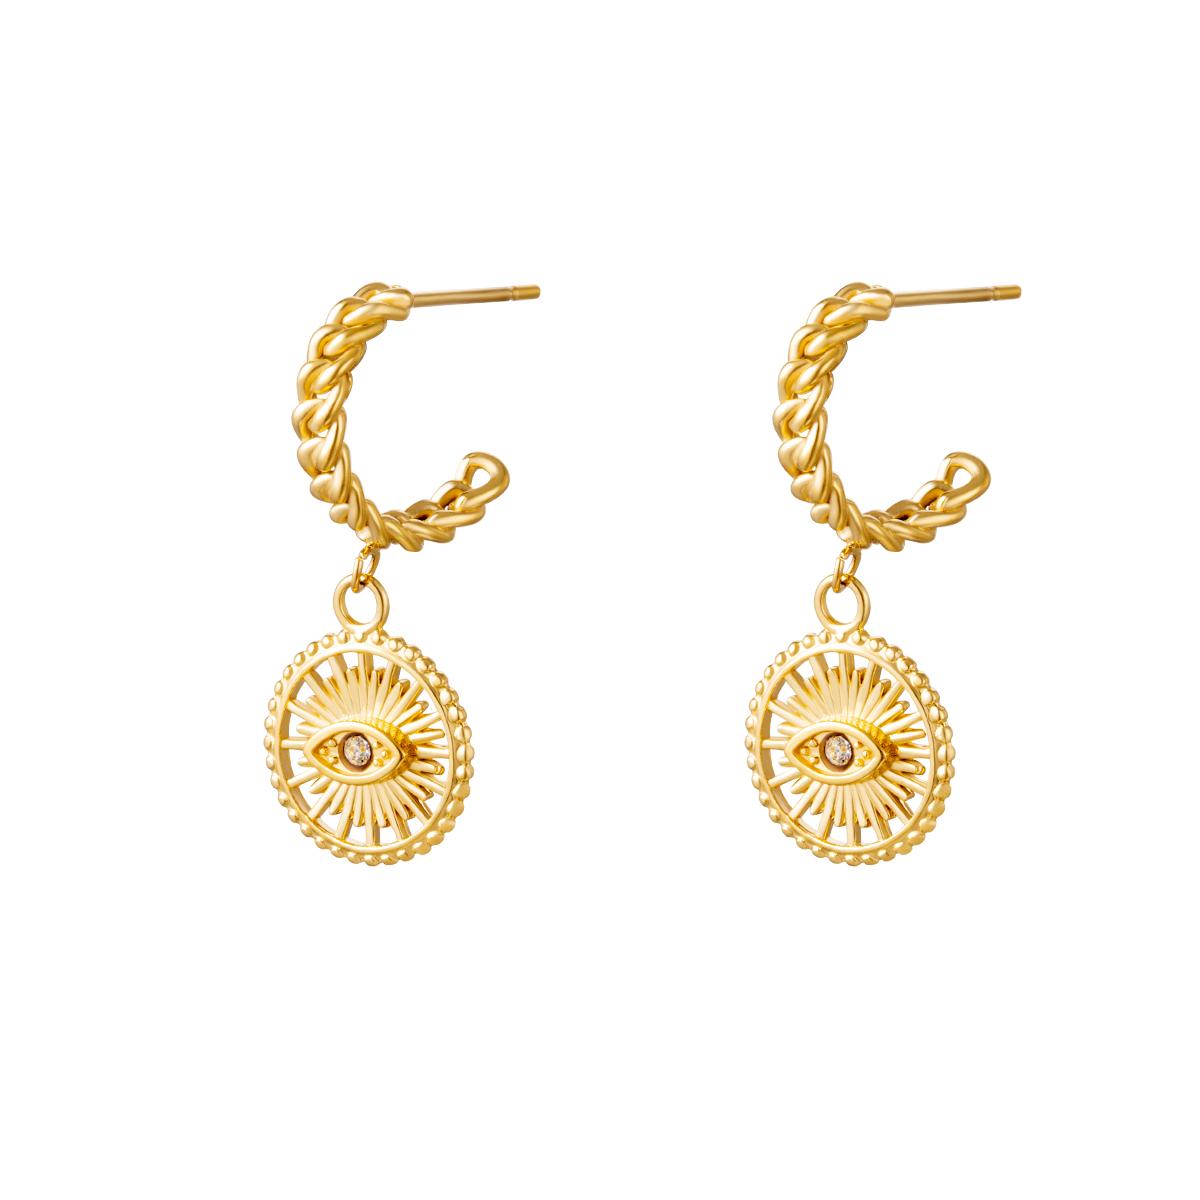 Oorbellen Eye See goud gouden oorbellen oogbedel diamand trendy dames yehwang sieraden kopen bestellen